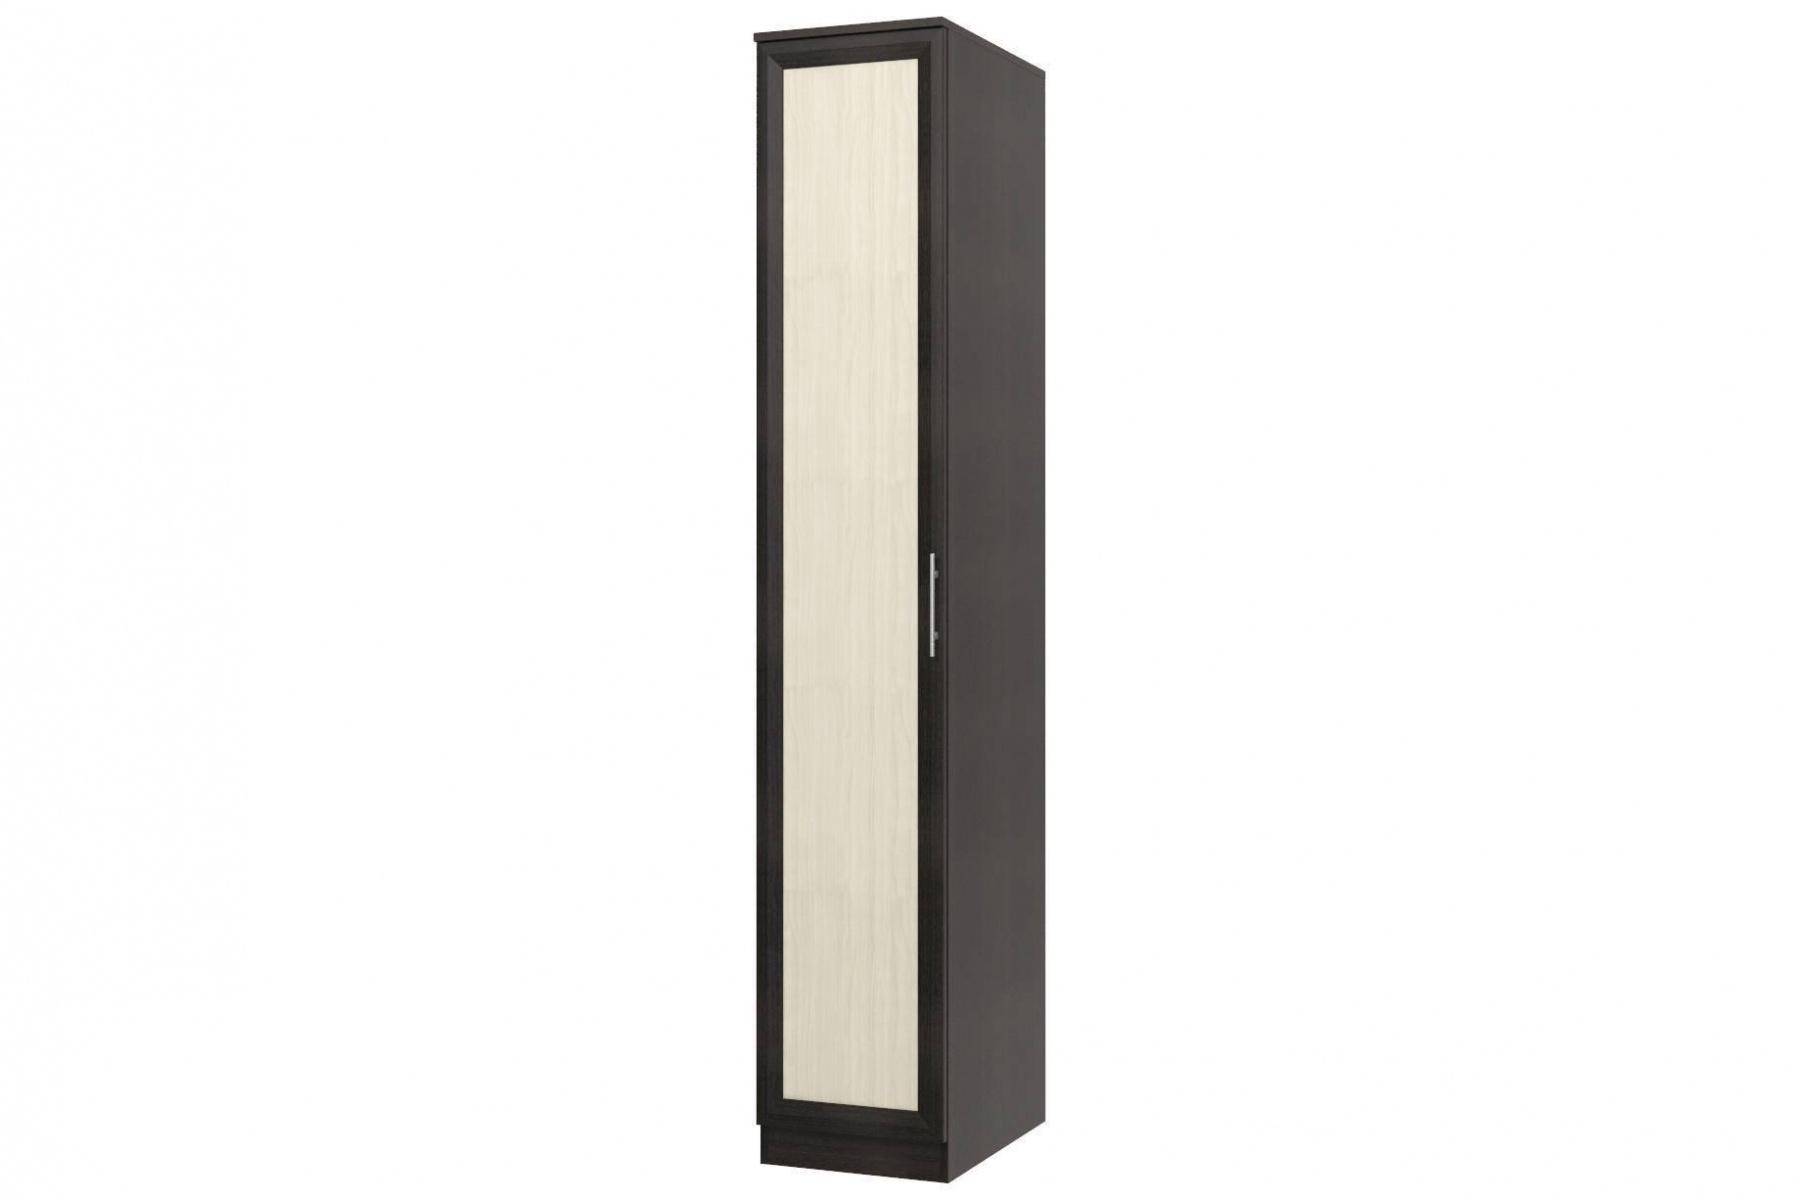 Шкаф 1 дверь Юлианна СБ-103-01 шкаф изотта 23к дверь правая ангстрем